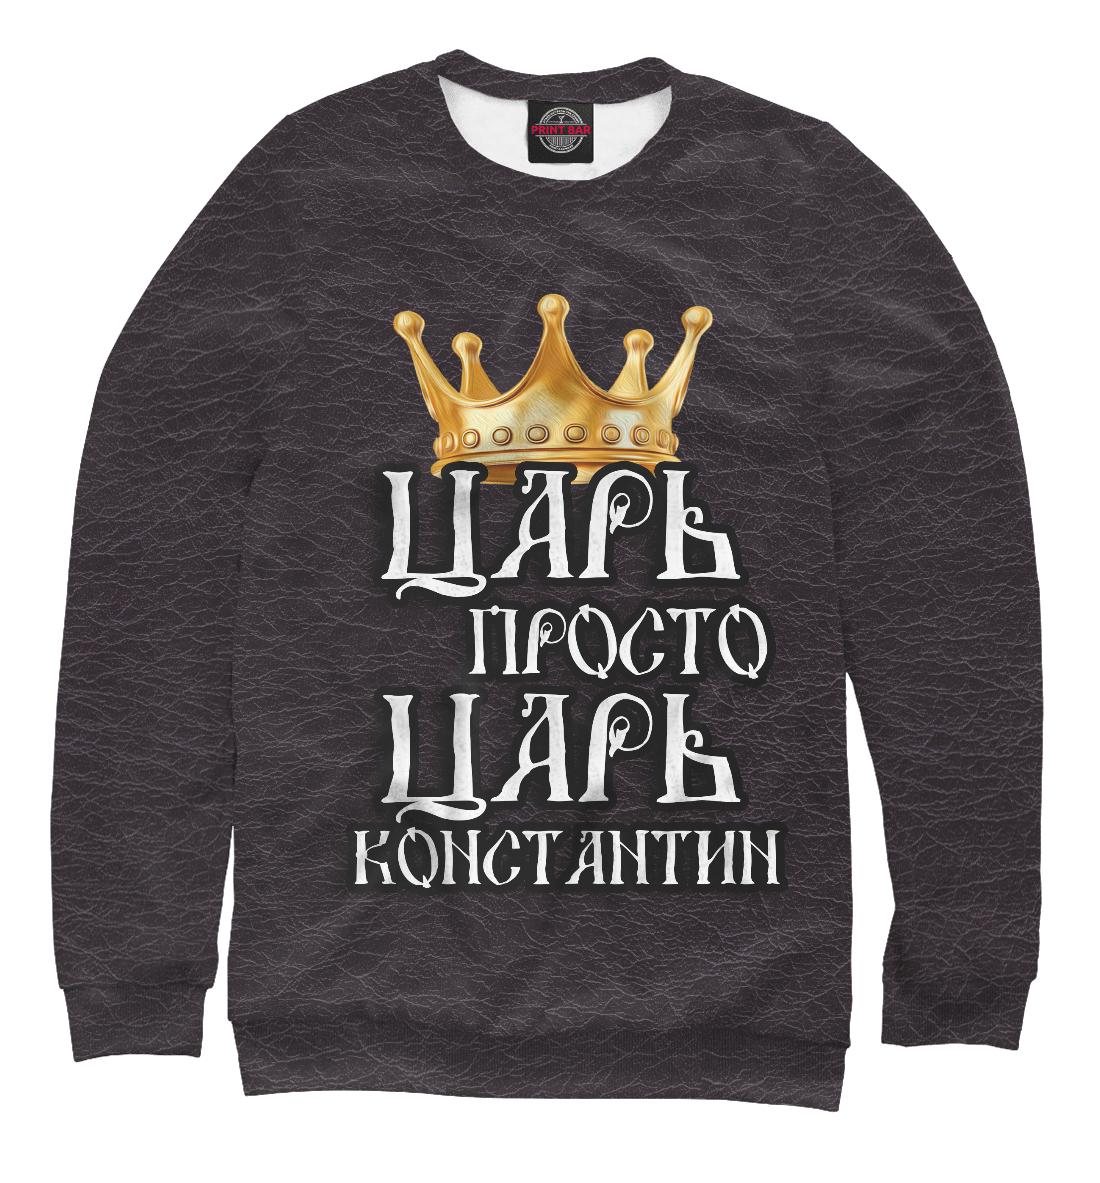 Купить Царь Константин, Printbar, Свитшоты, KST-657410-swi-2